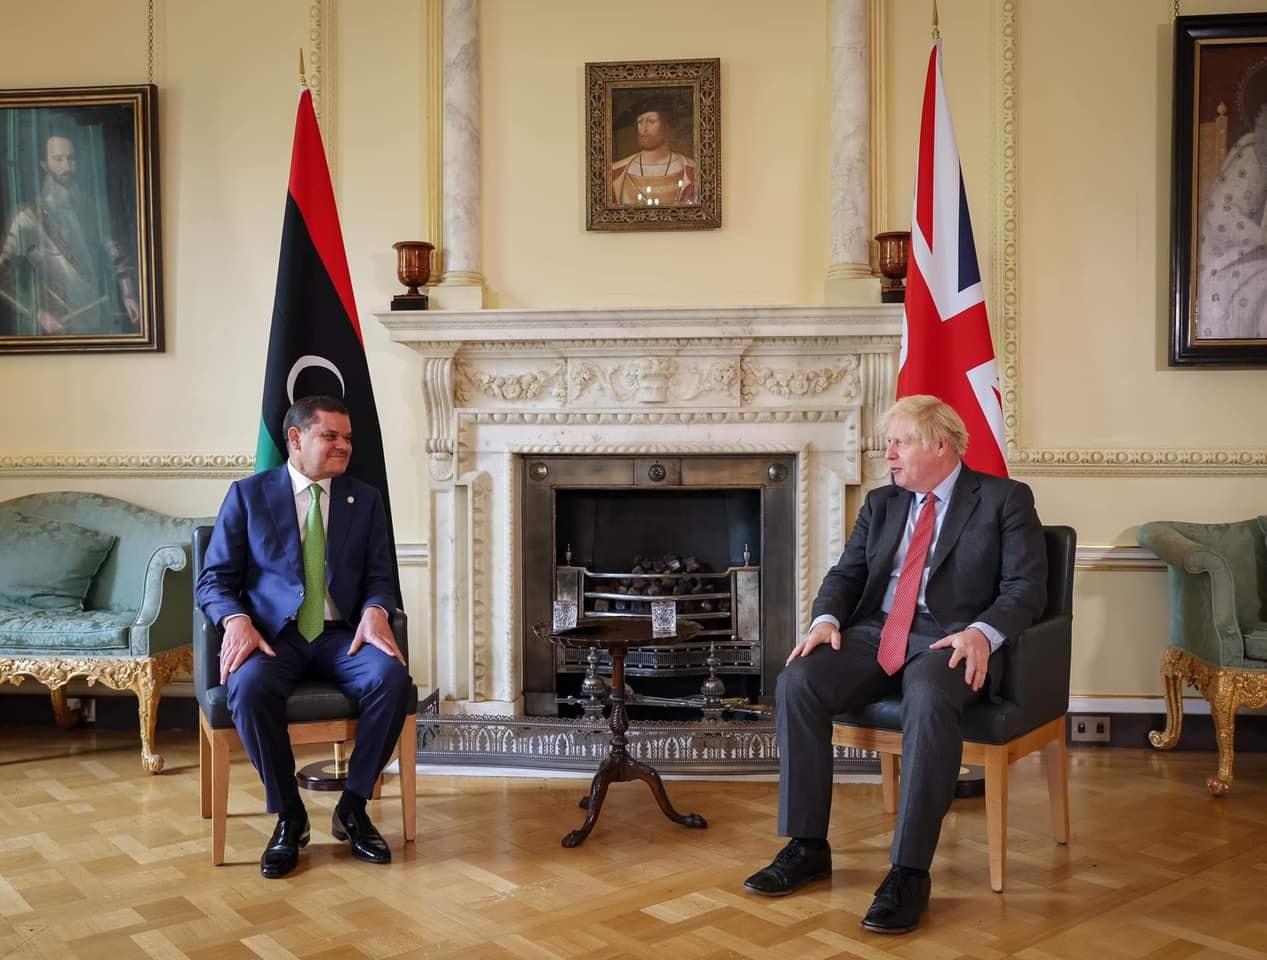 رئيس الحكومة يُجري محادثات في لندن مع نظيره البريطاني